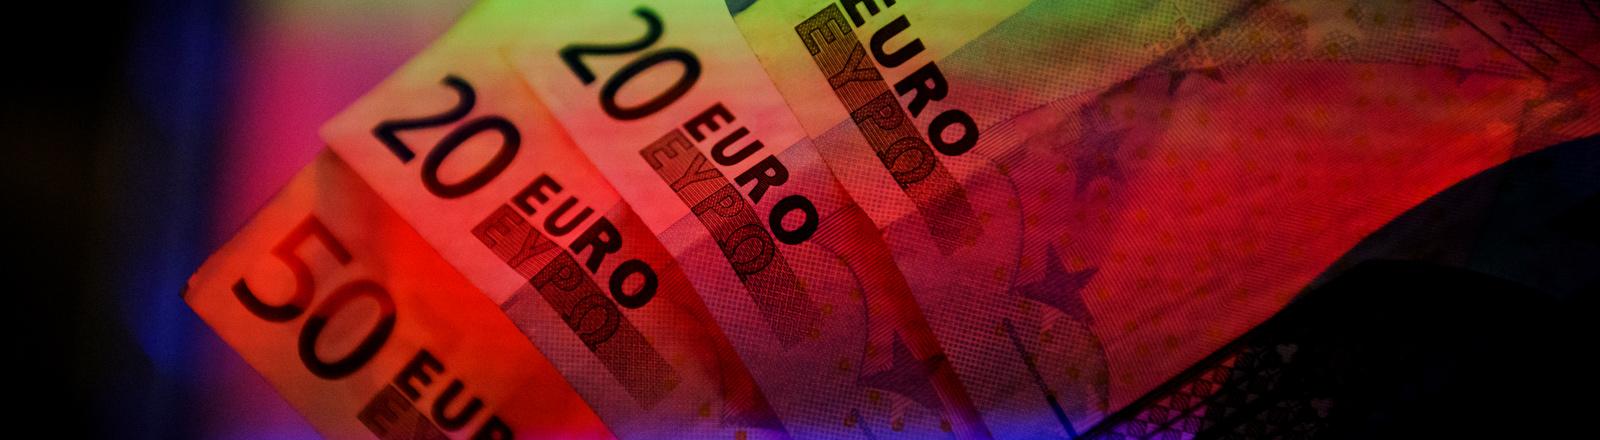 Vier Euroscheine in rotem und grünem Licht.